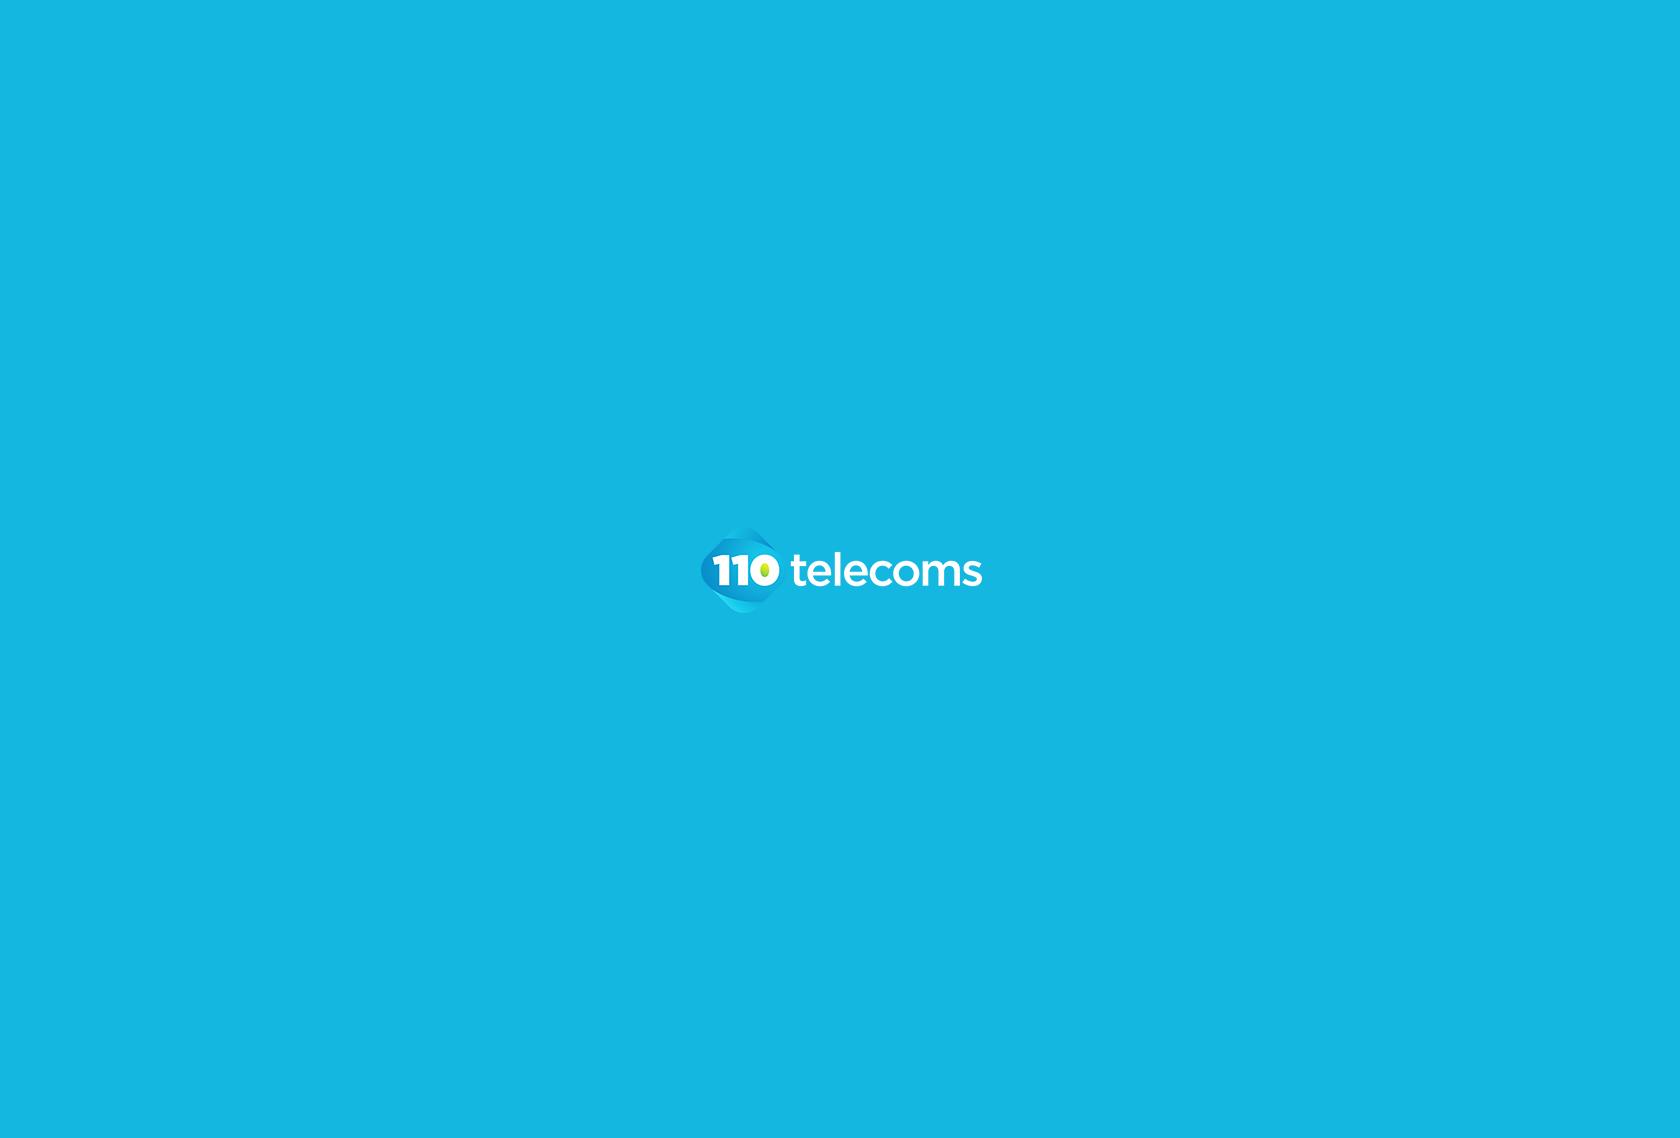 110 Telecoms Logo 2 - 110 Telecoms - Creative Digital